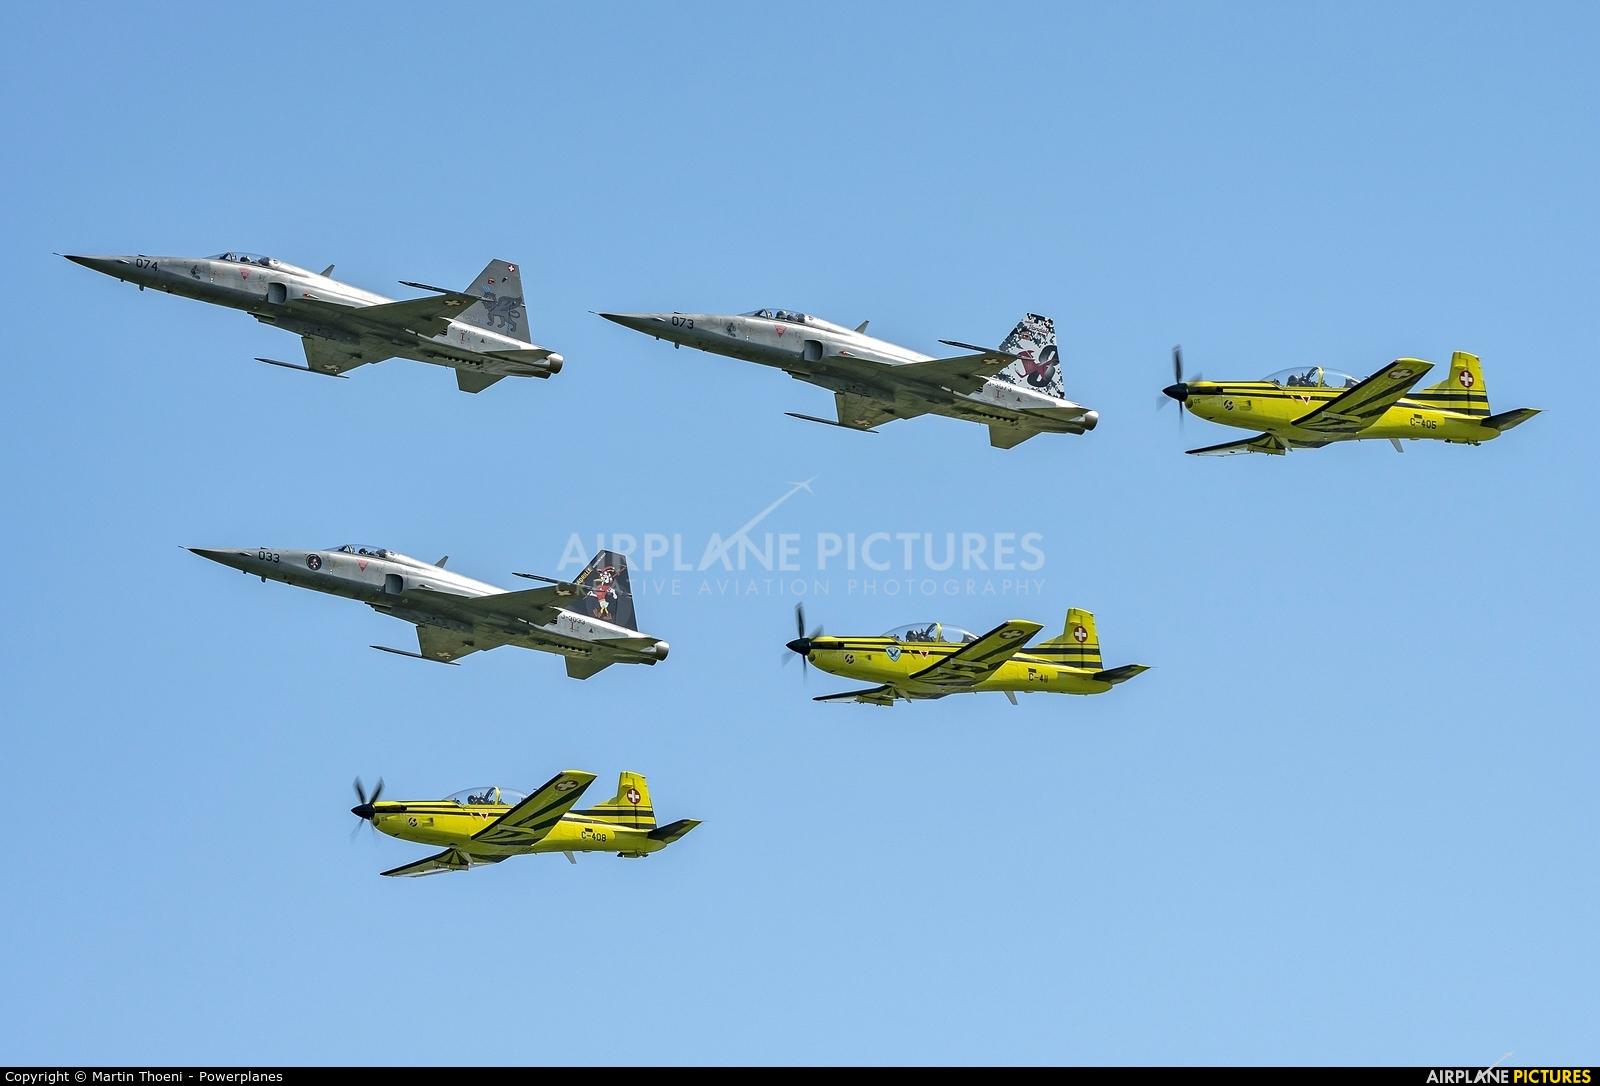 Switzerland - Air Force J-3074 aircraft at Emmen